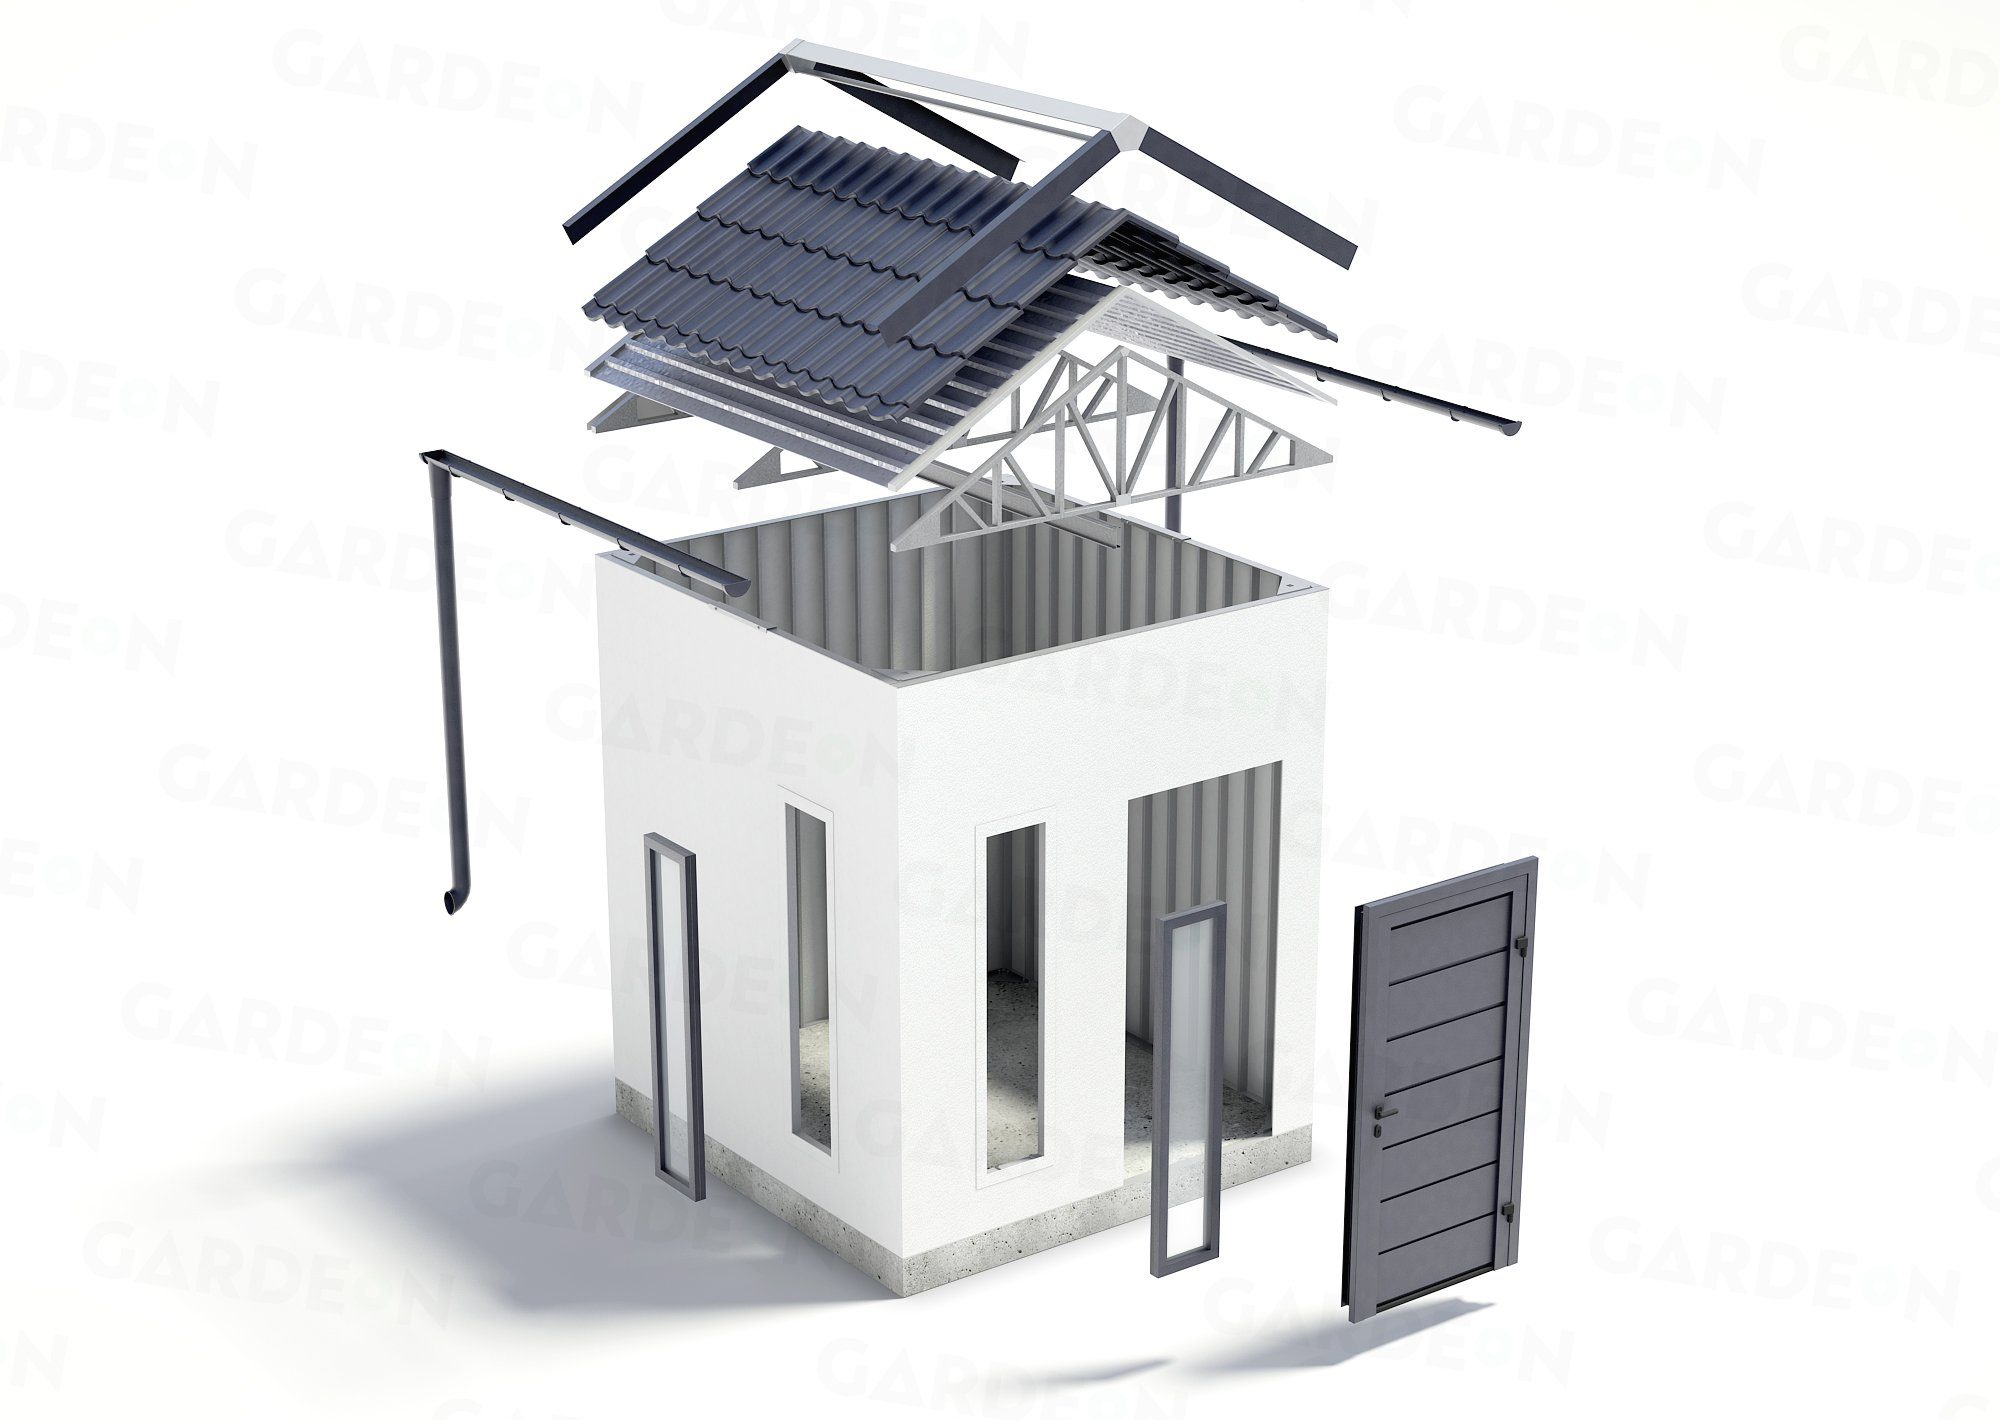 Die Visualisierung des Gartenhäuschens von GARDEON mit Satteldach